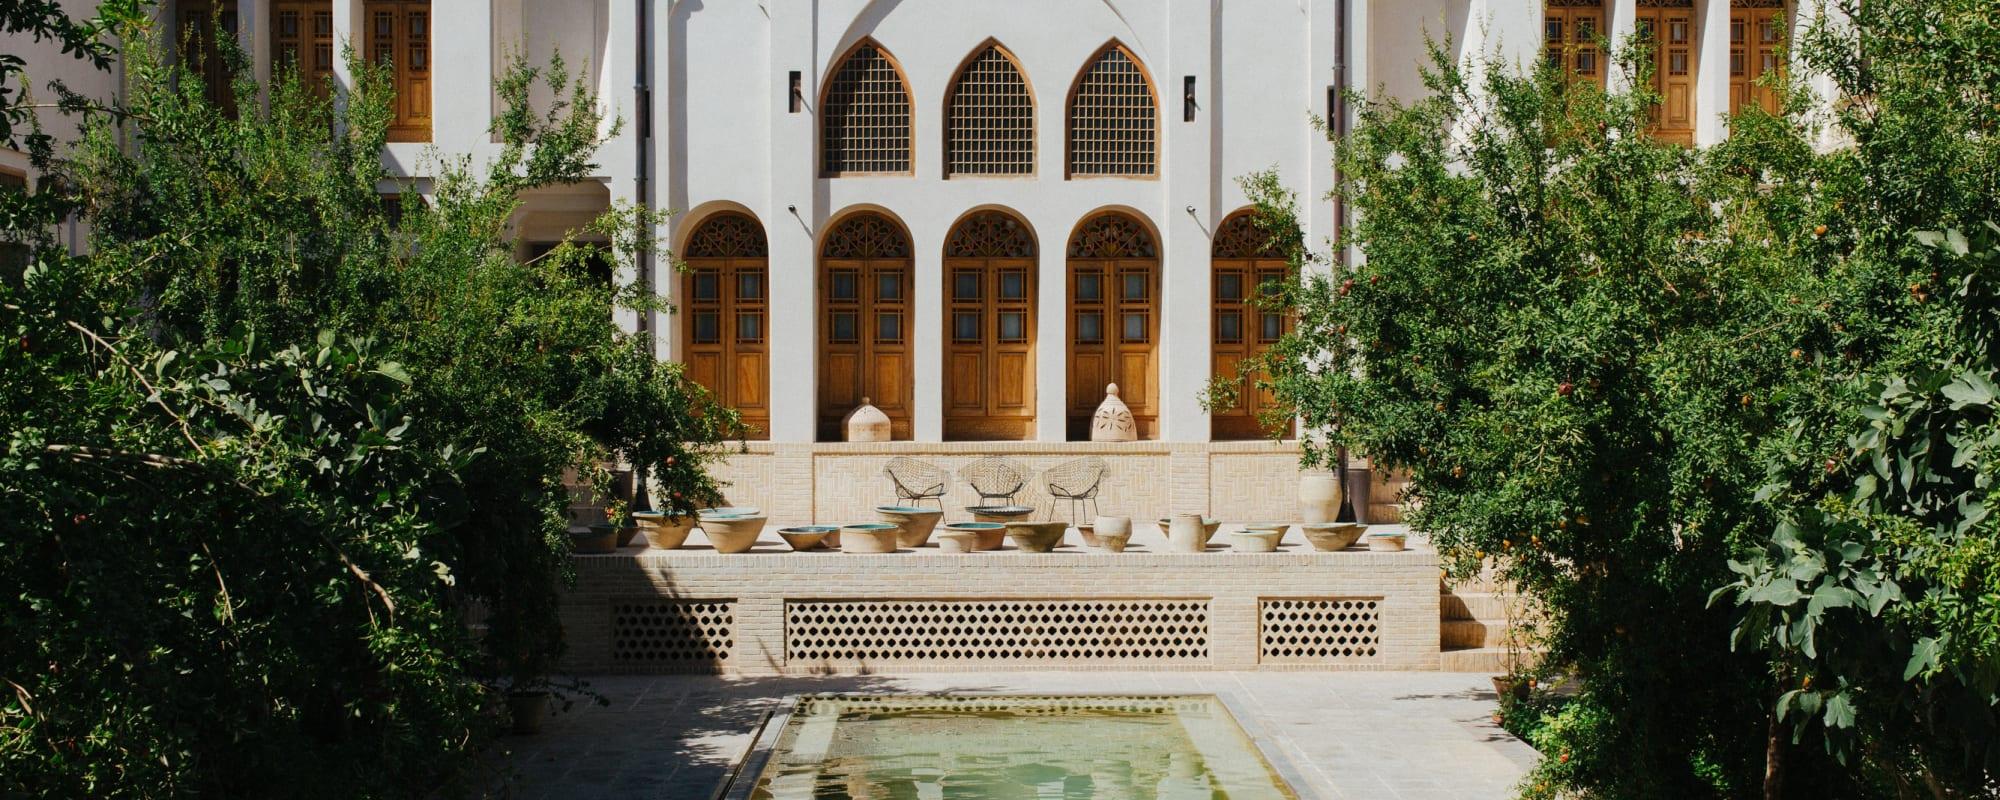 Das Manouchehri House in Kaschan